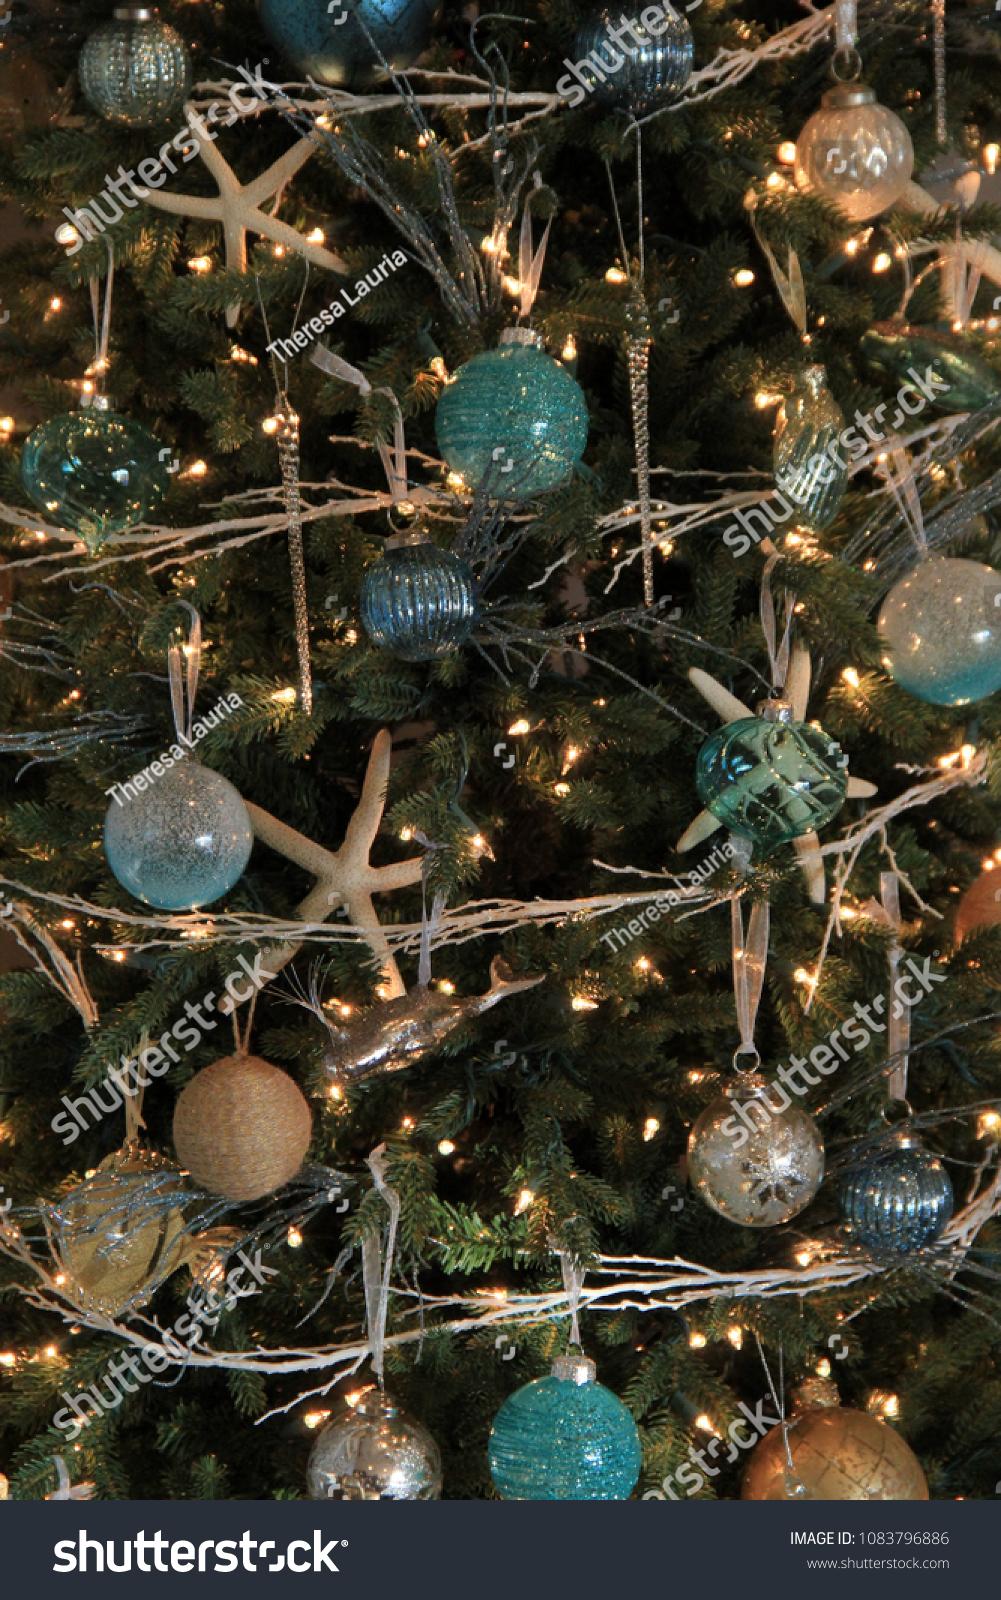 Nostalgic Scene Christmas Tree Decorated Seashore Stock Photo Edit